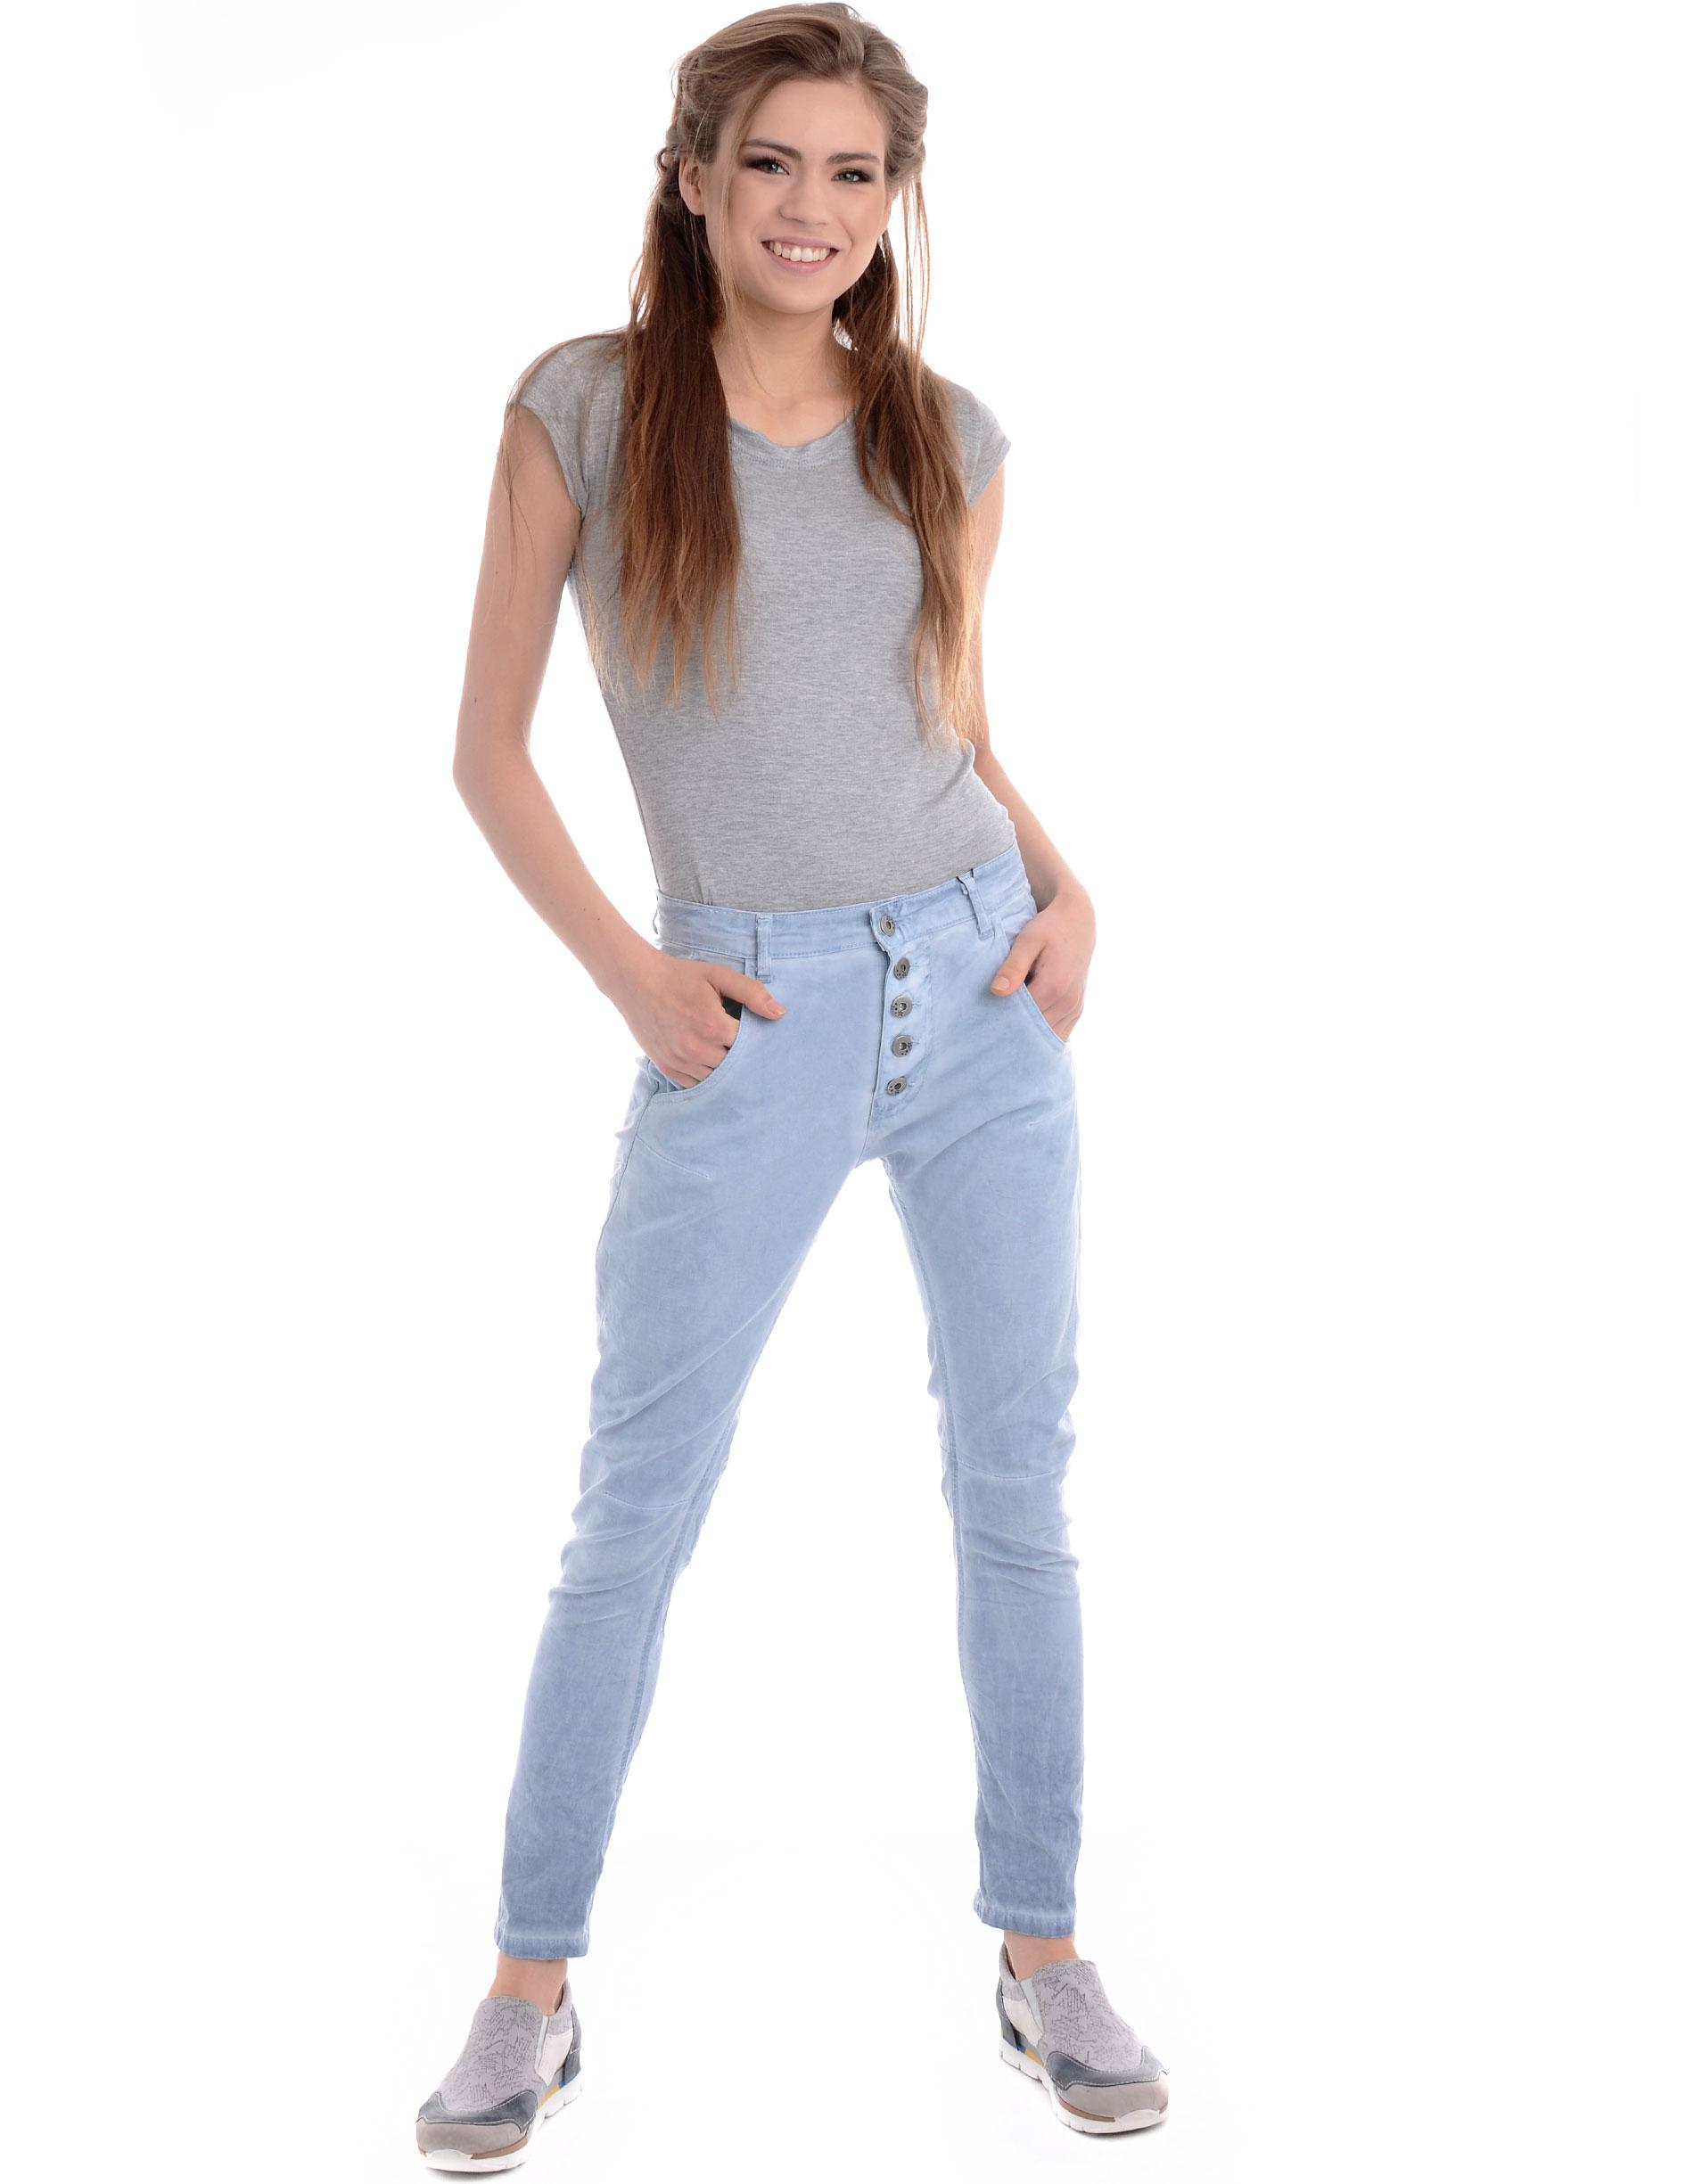 Spodnie - 36-1024 JEANS - Unisono